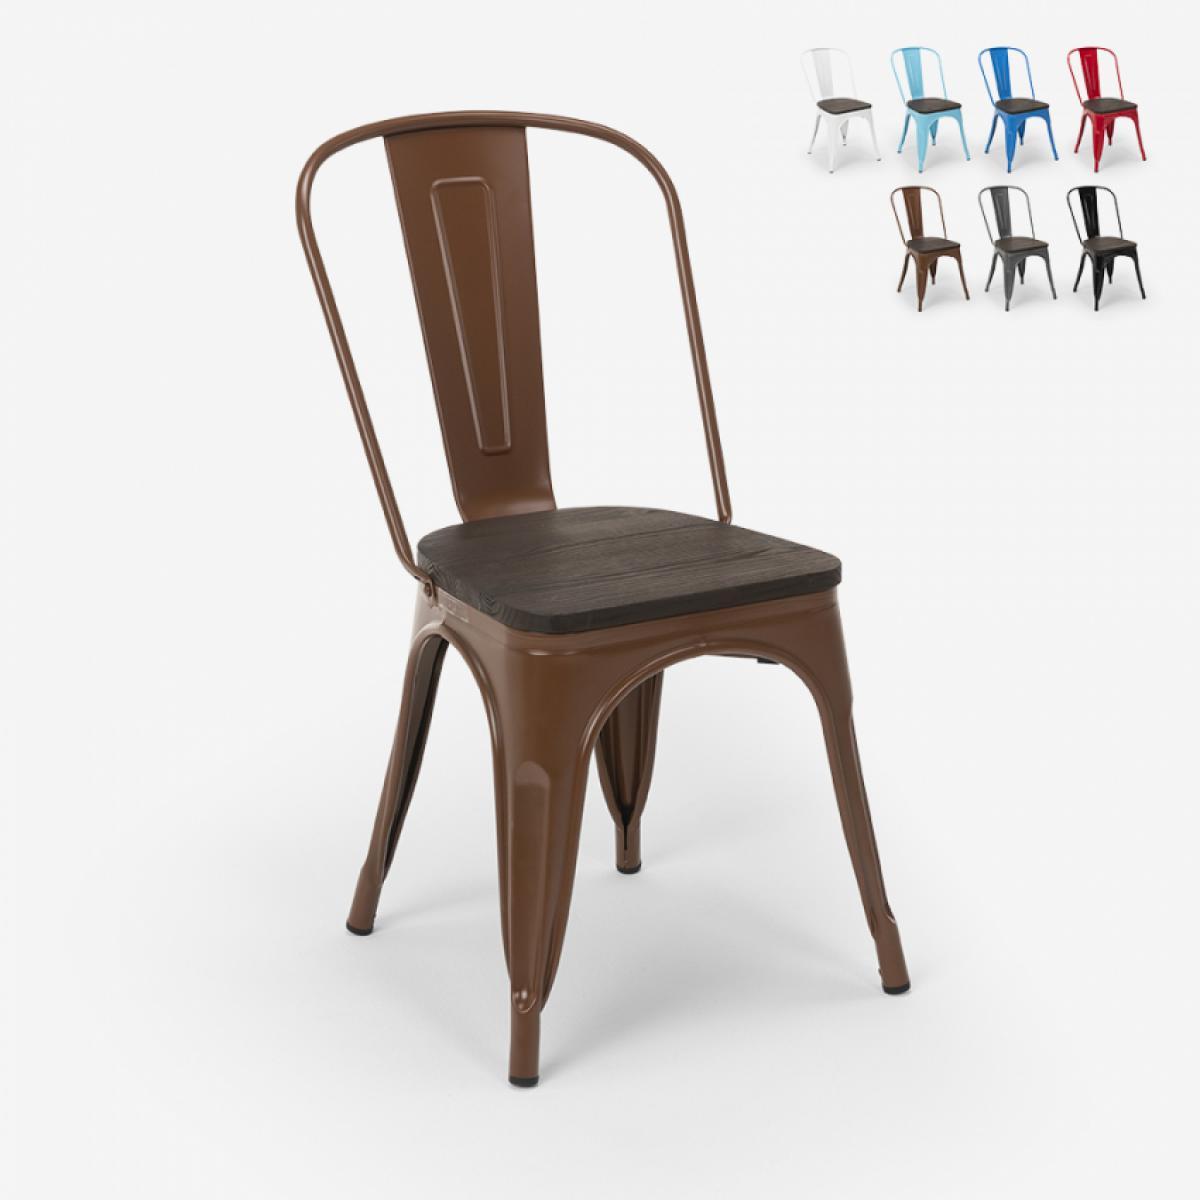 Ahd Amazing Home Design Chaises industrielles en bois et acier Tolix pour cuisine et bar Steel Wood, Couleur: Marron